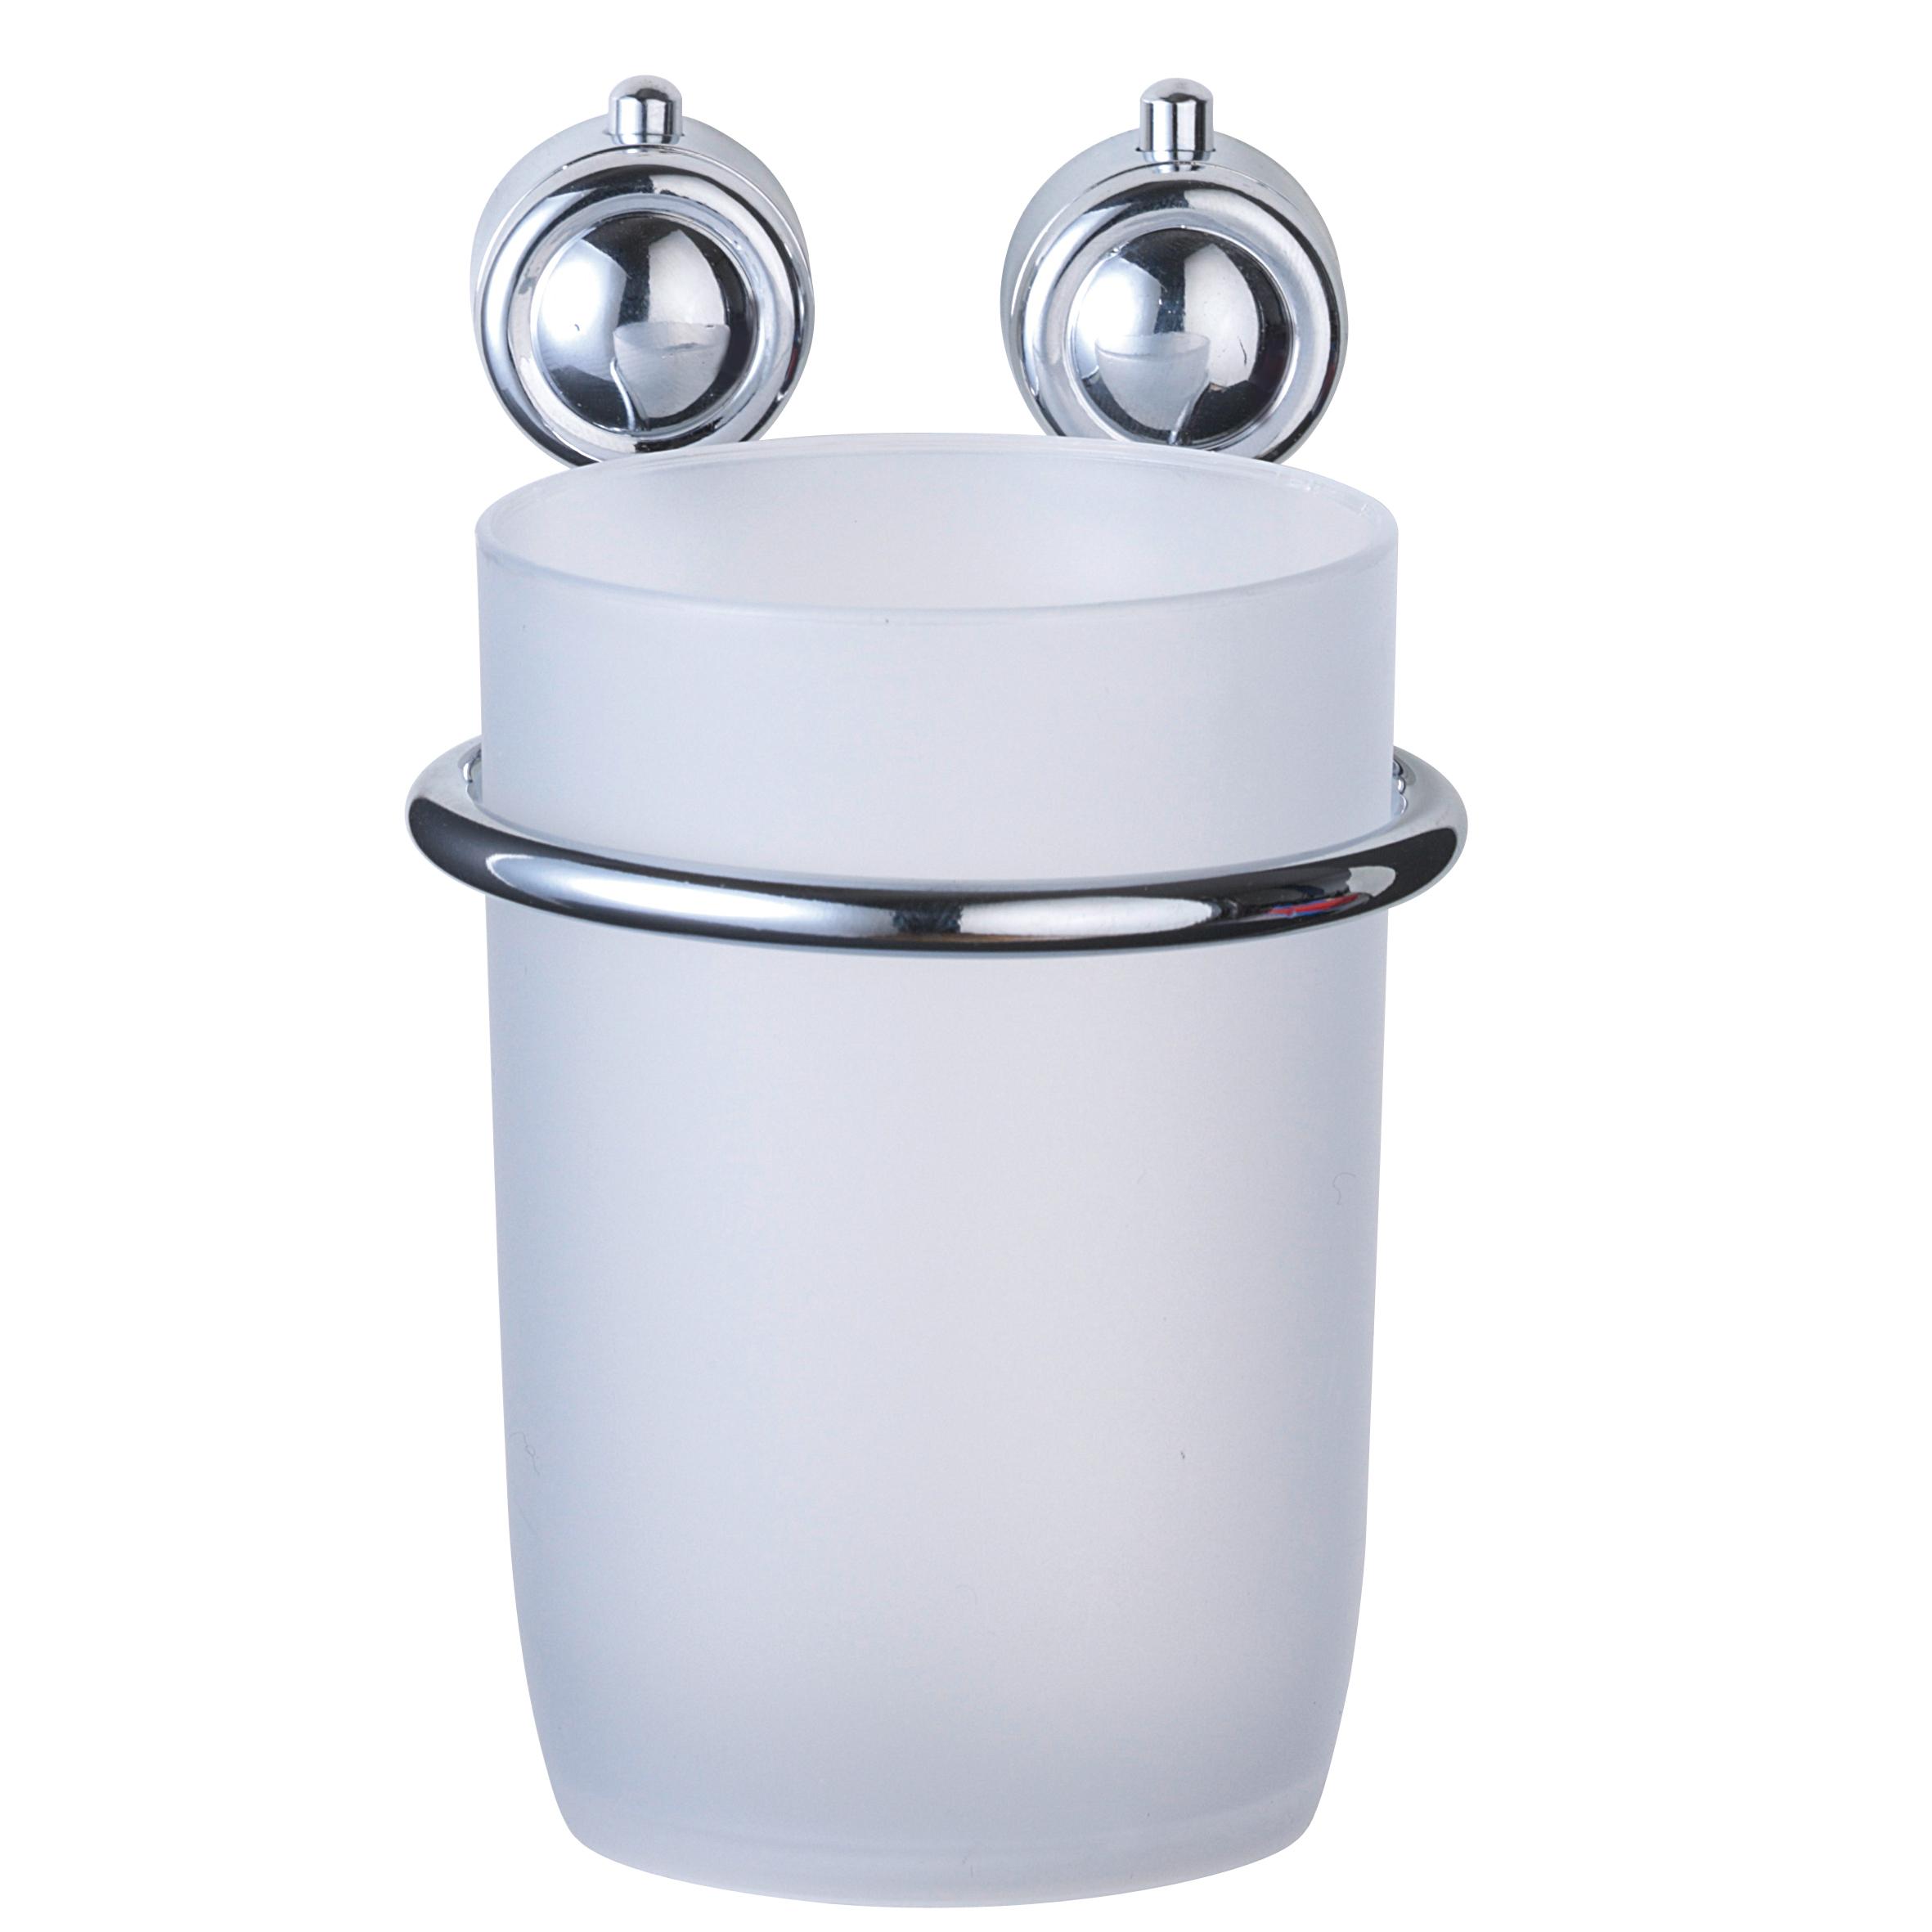 Стакан для ванной комнаты Axentia Atlantik, с держателемK6939-HPСтакан для ванной комнаты Axentia Atlantik изготовлен из пластика и высококачественной хромированной стали, устойчивой к высокой влажности. Стакан с настенным держателем отлично подойдет для вашей ванной комнаты. Изделие крепится к стене с помощью шурупов (входят в комплект).Стакан создаст особую атмосферу уюта и максимального комфорта в ванной.